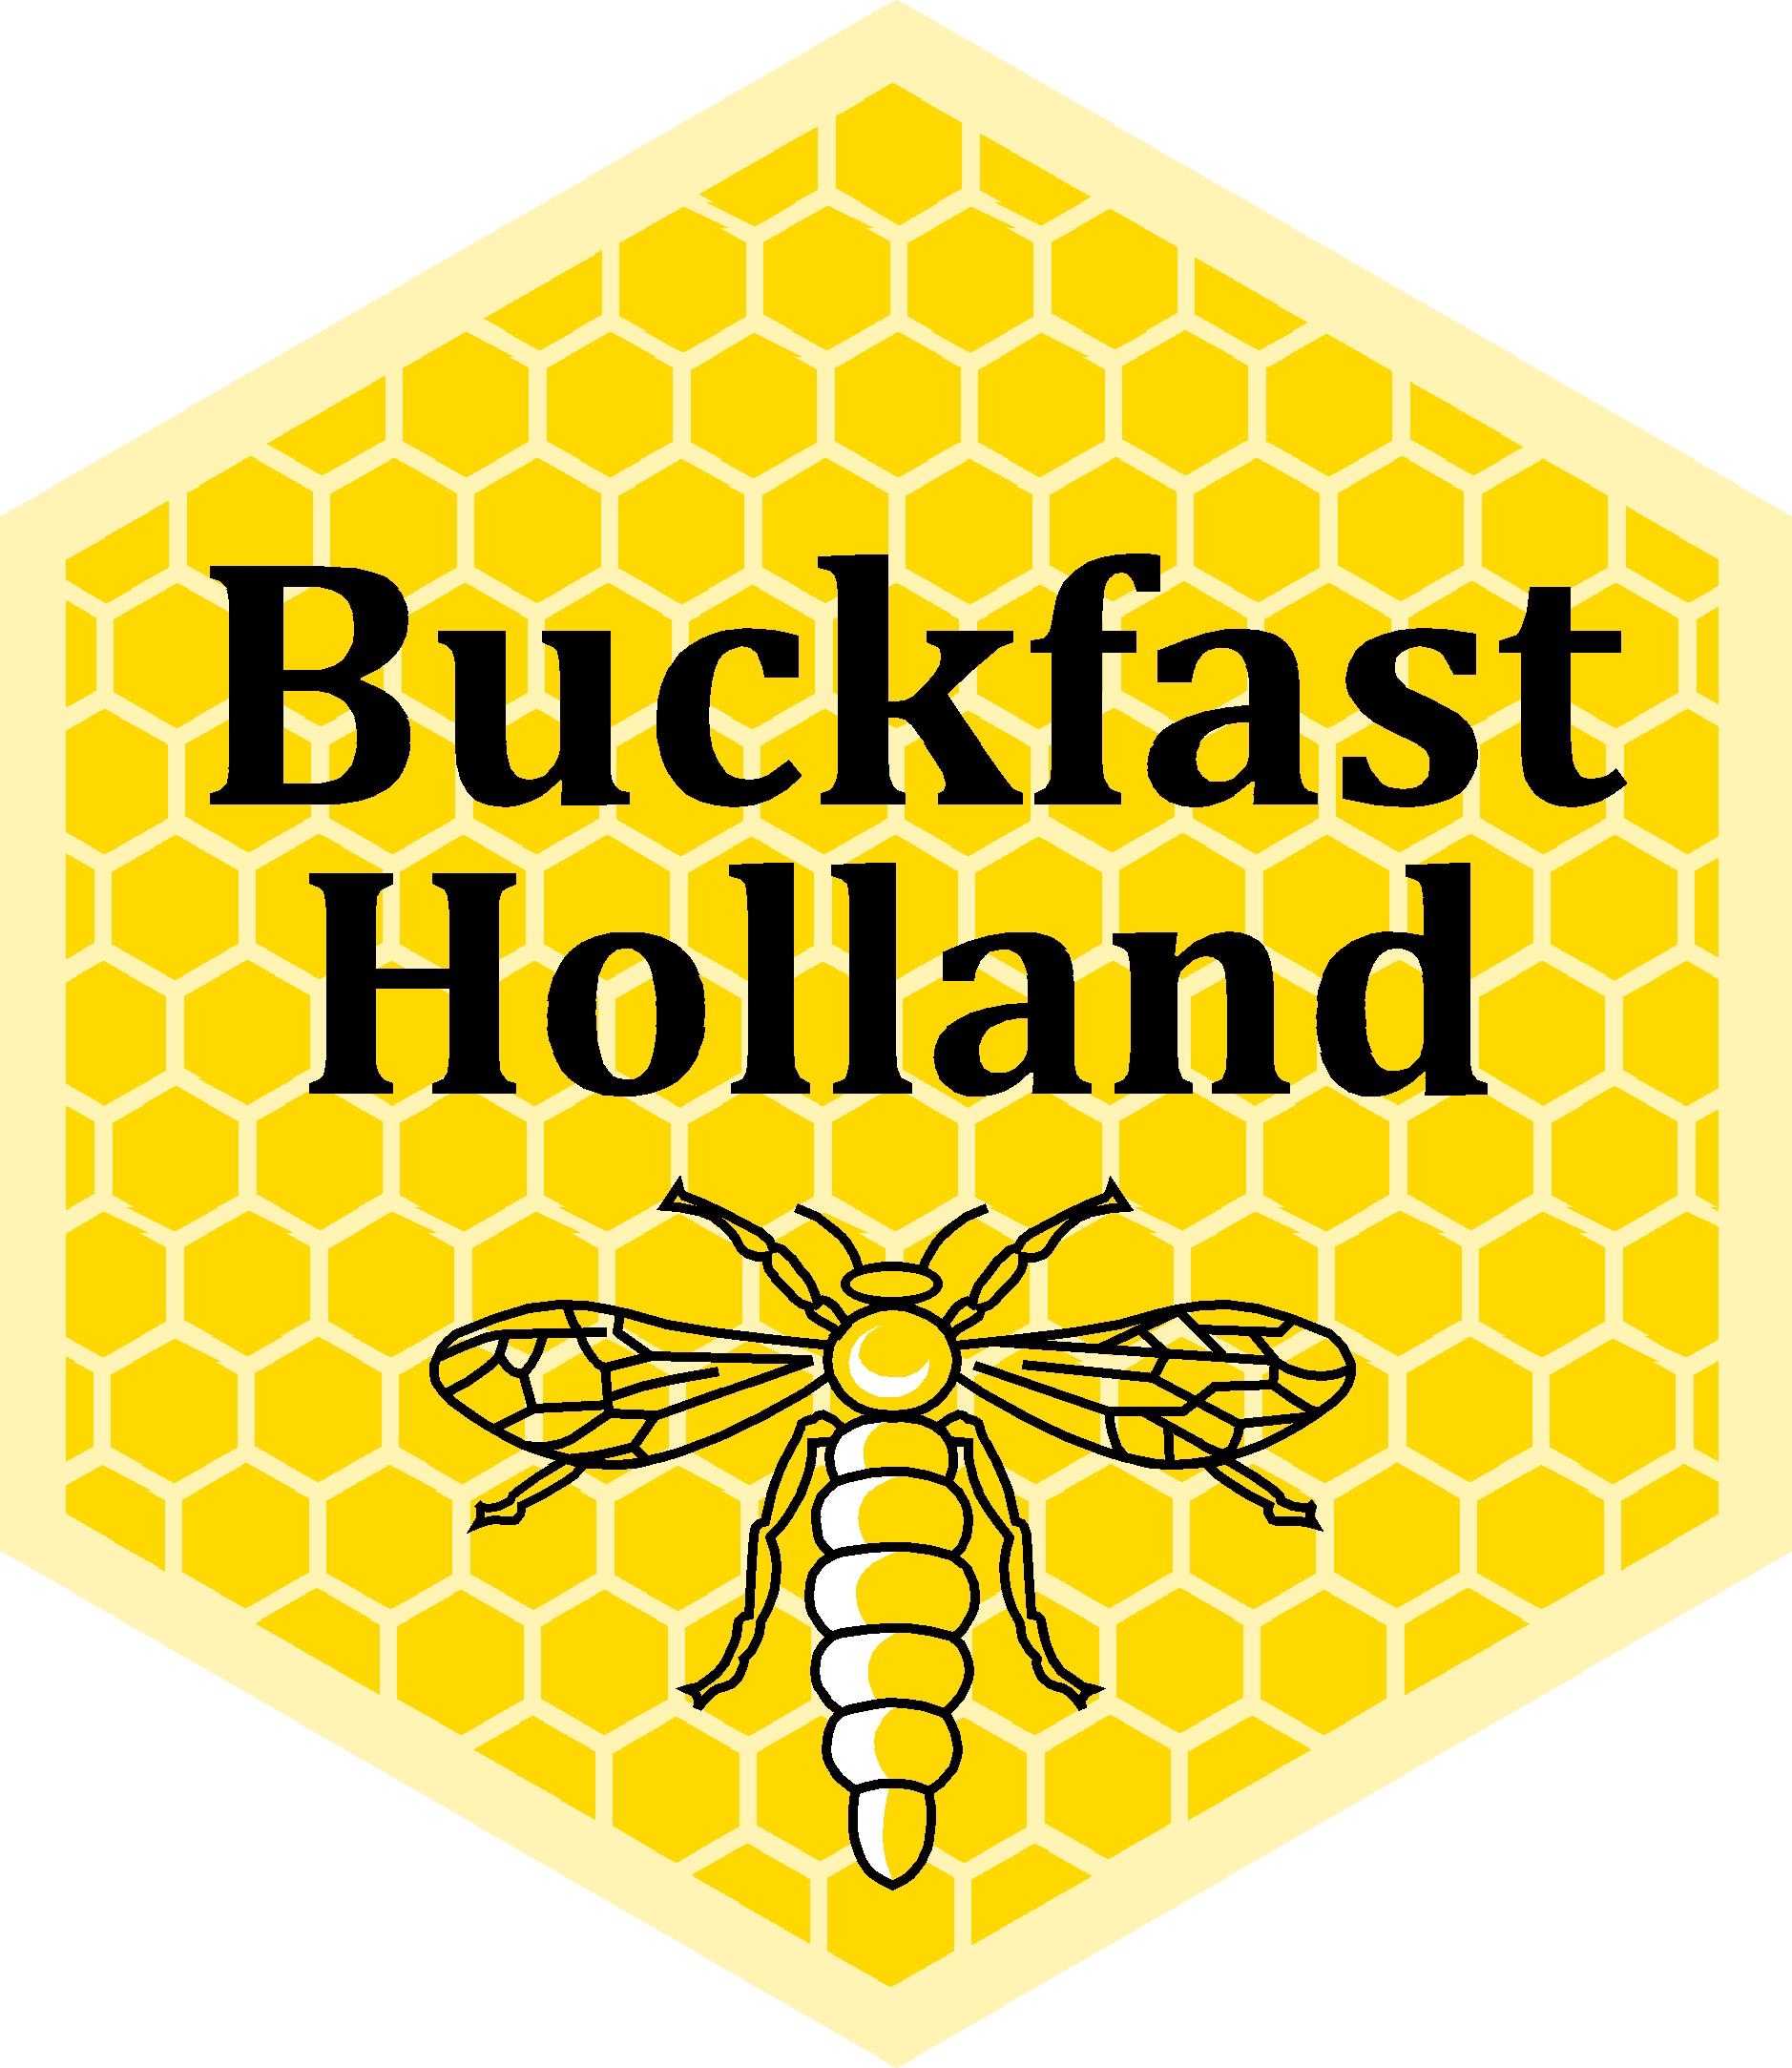 Buckfast Holland